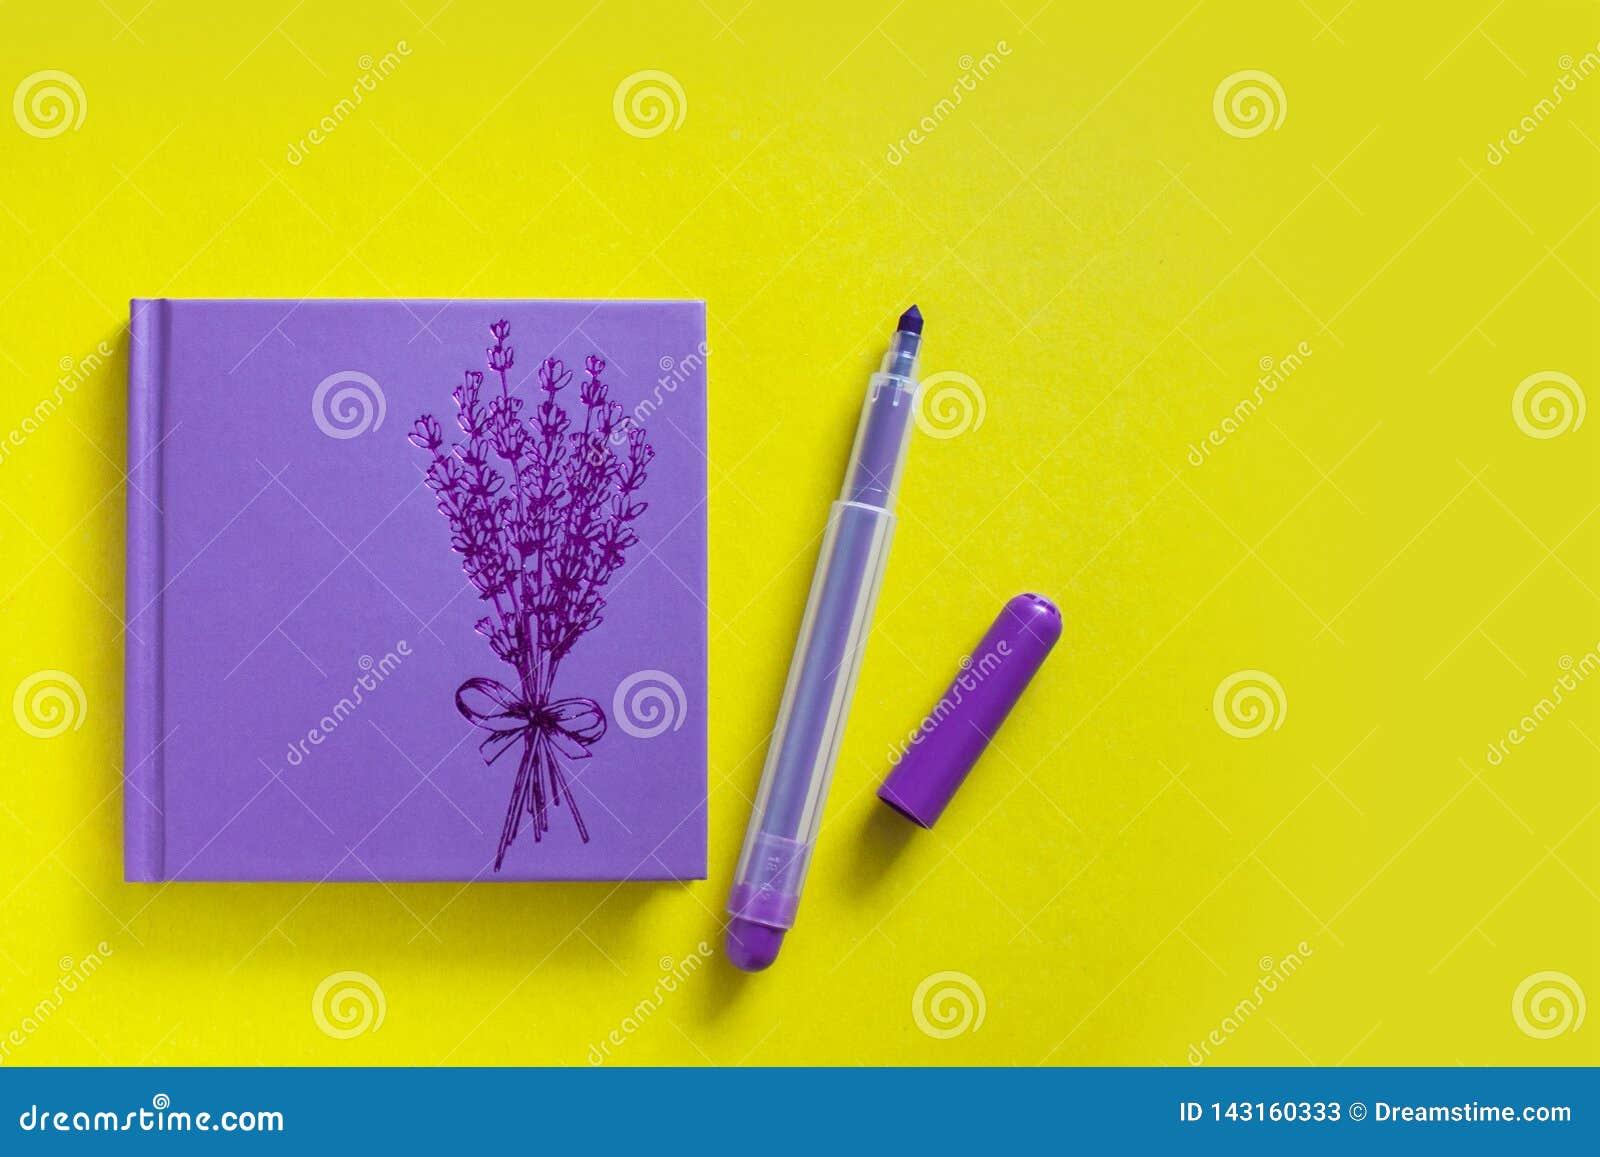 Lily notepad z odczuwanym piórem na żółtym tle